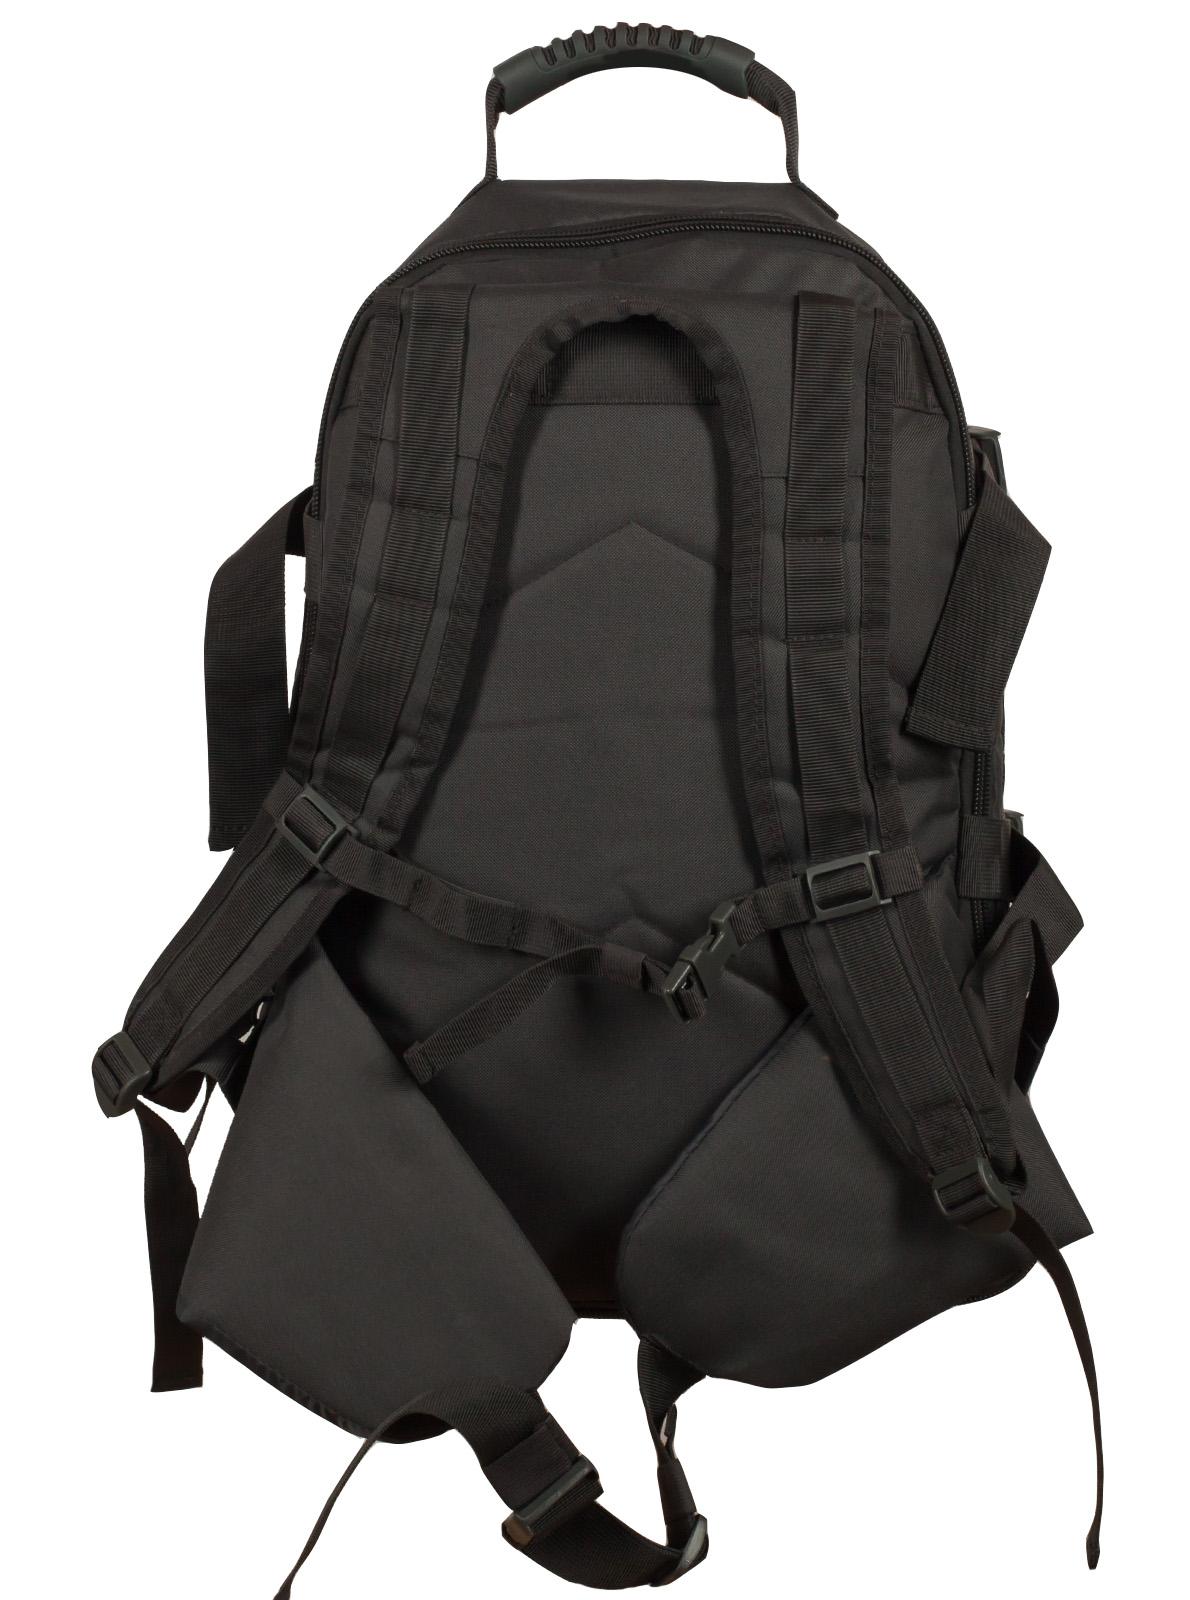 Рейдовый универсальный рюкзак ФСО - купить онлайн